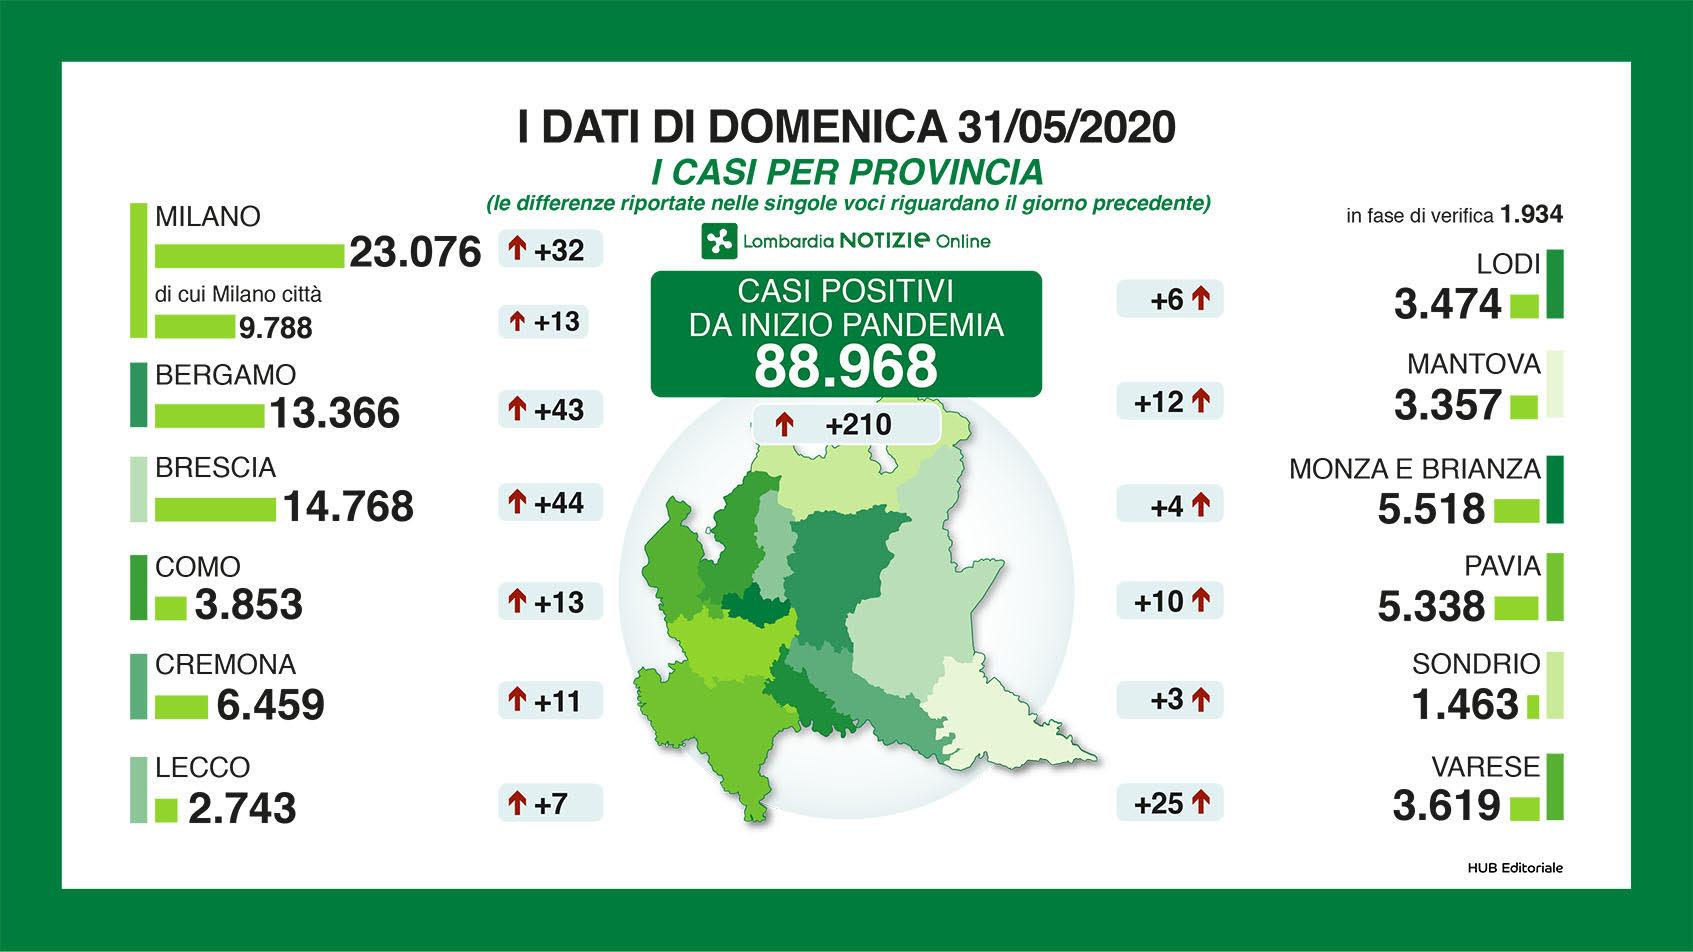 dati 31 maggio per provincia